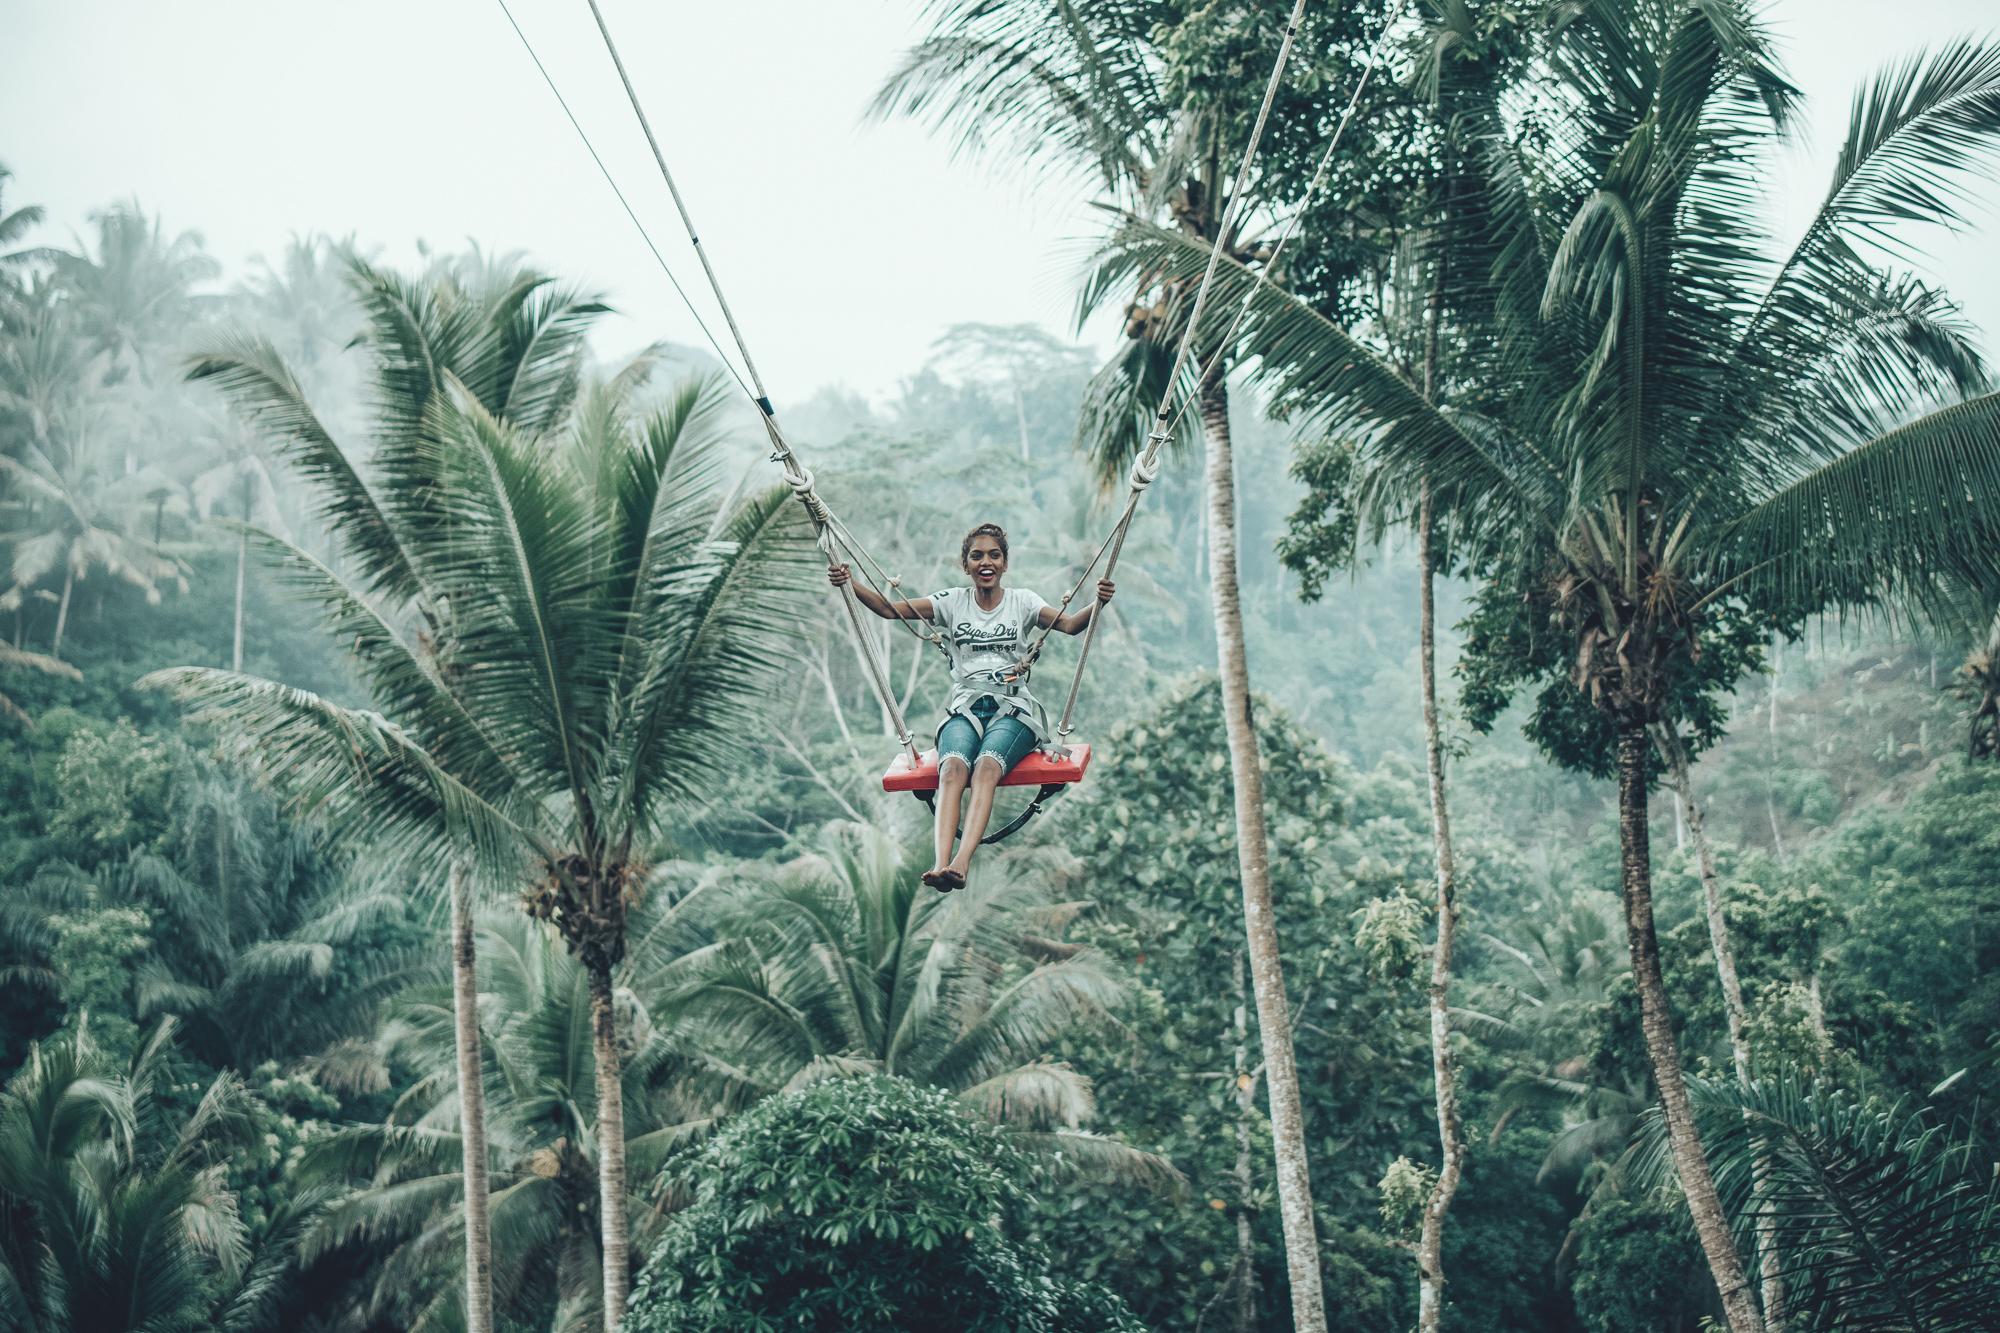 active-adrenaline-adventure-1090552.jpg